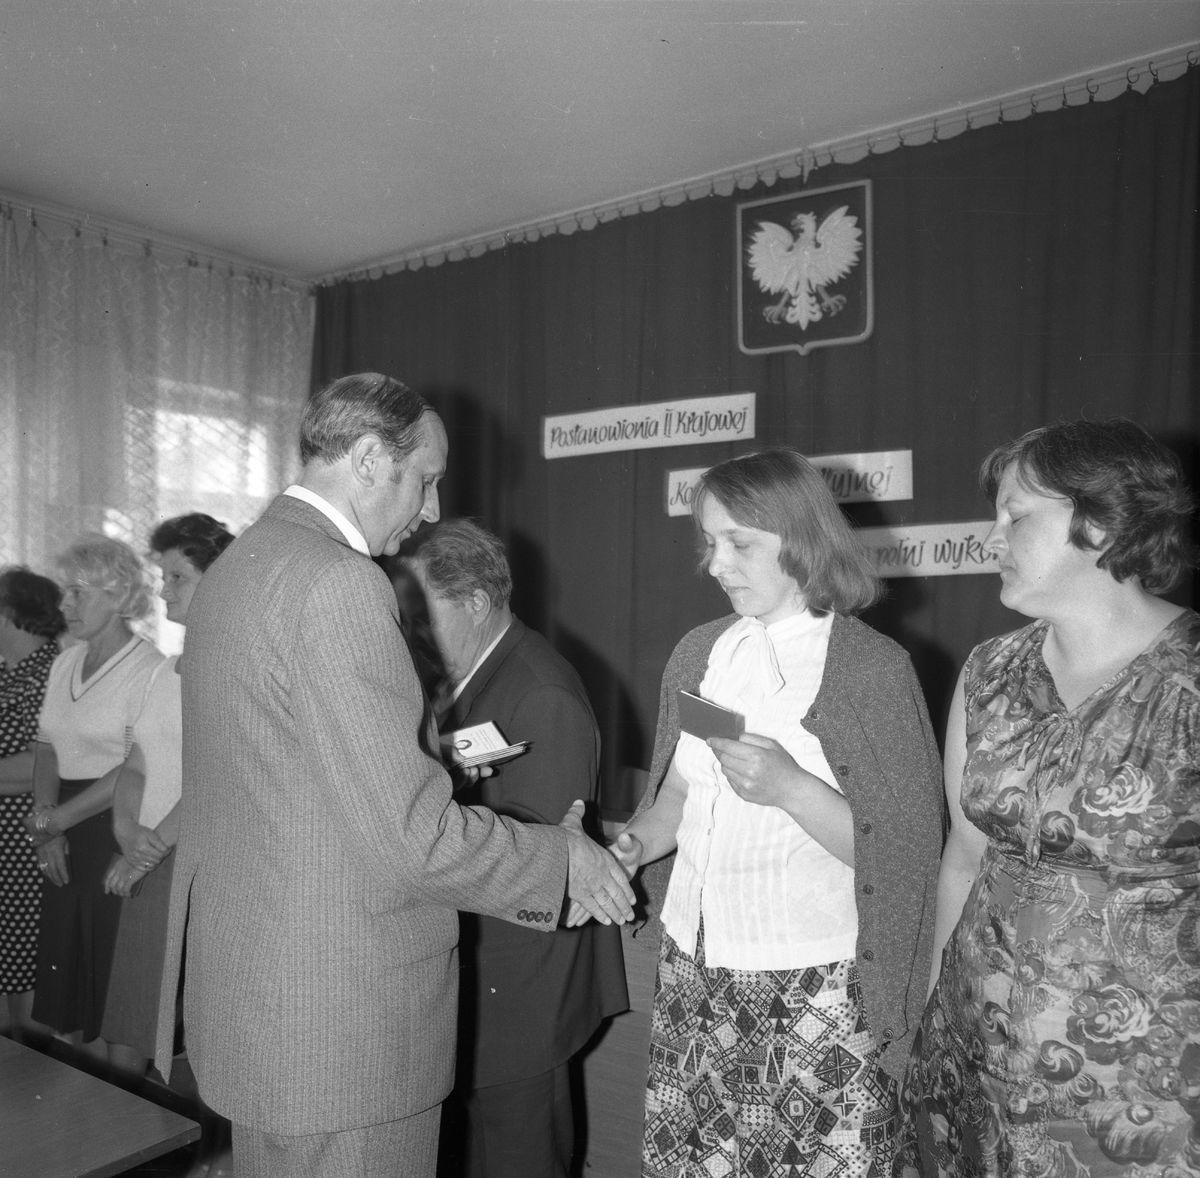 Wręczenie legitymacji partyjnej, 1978 r.